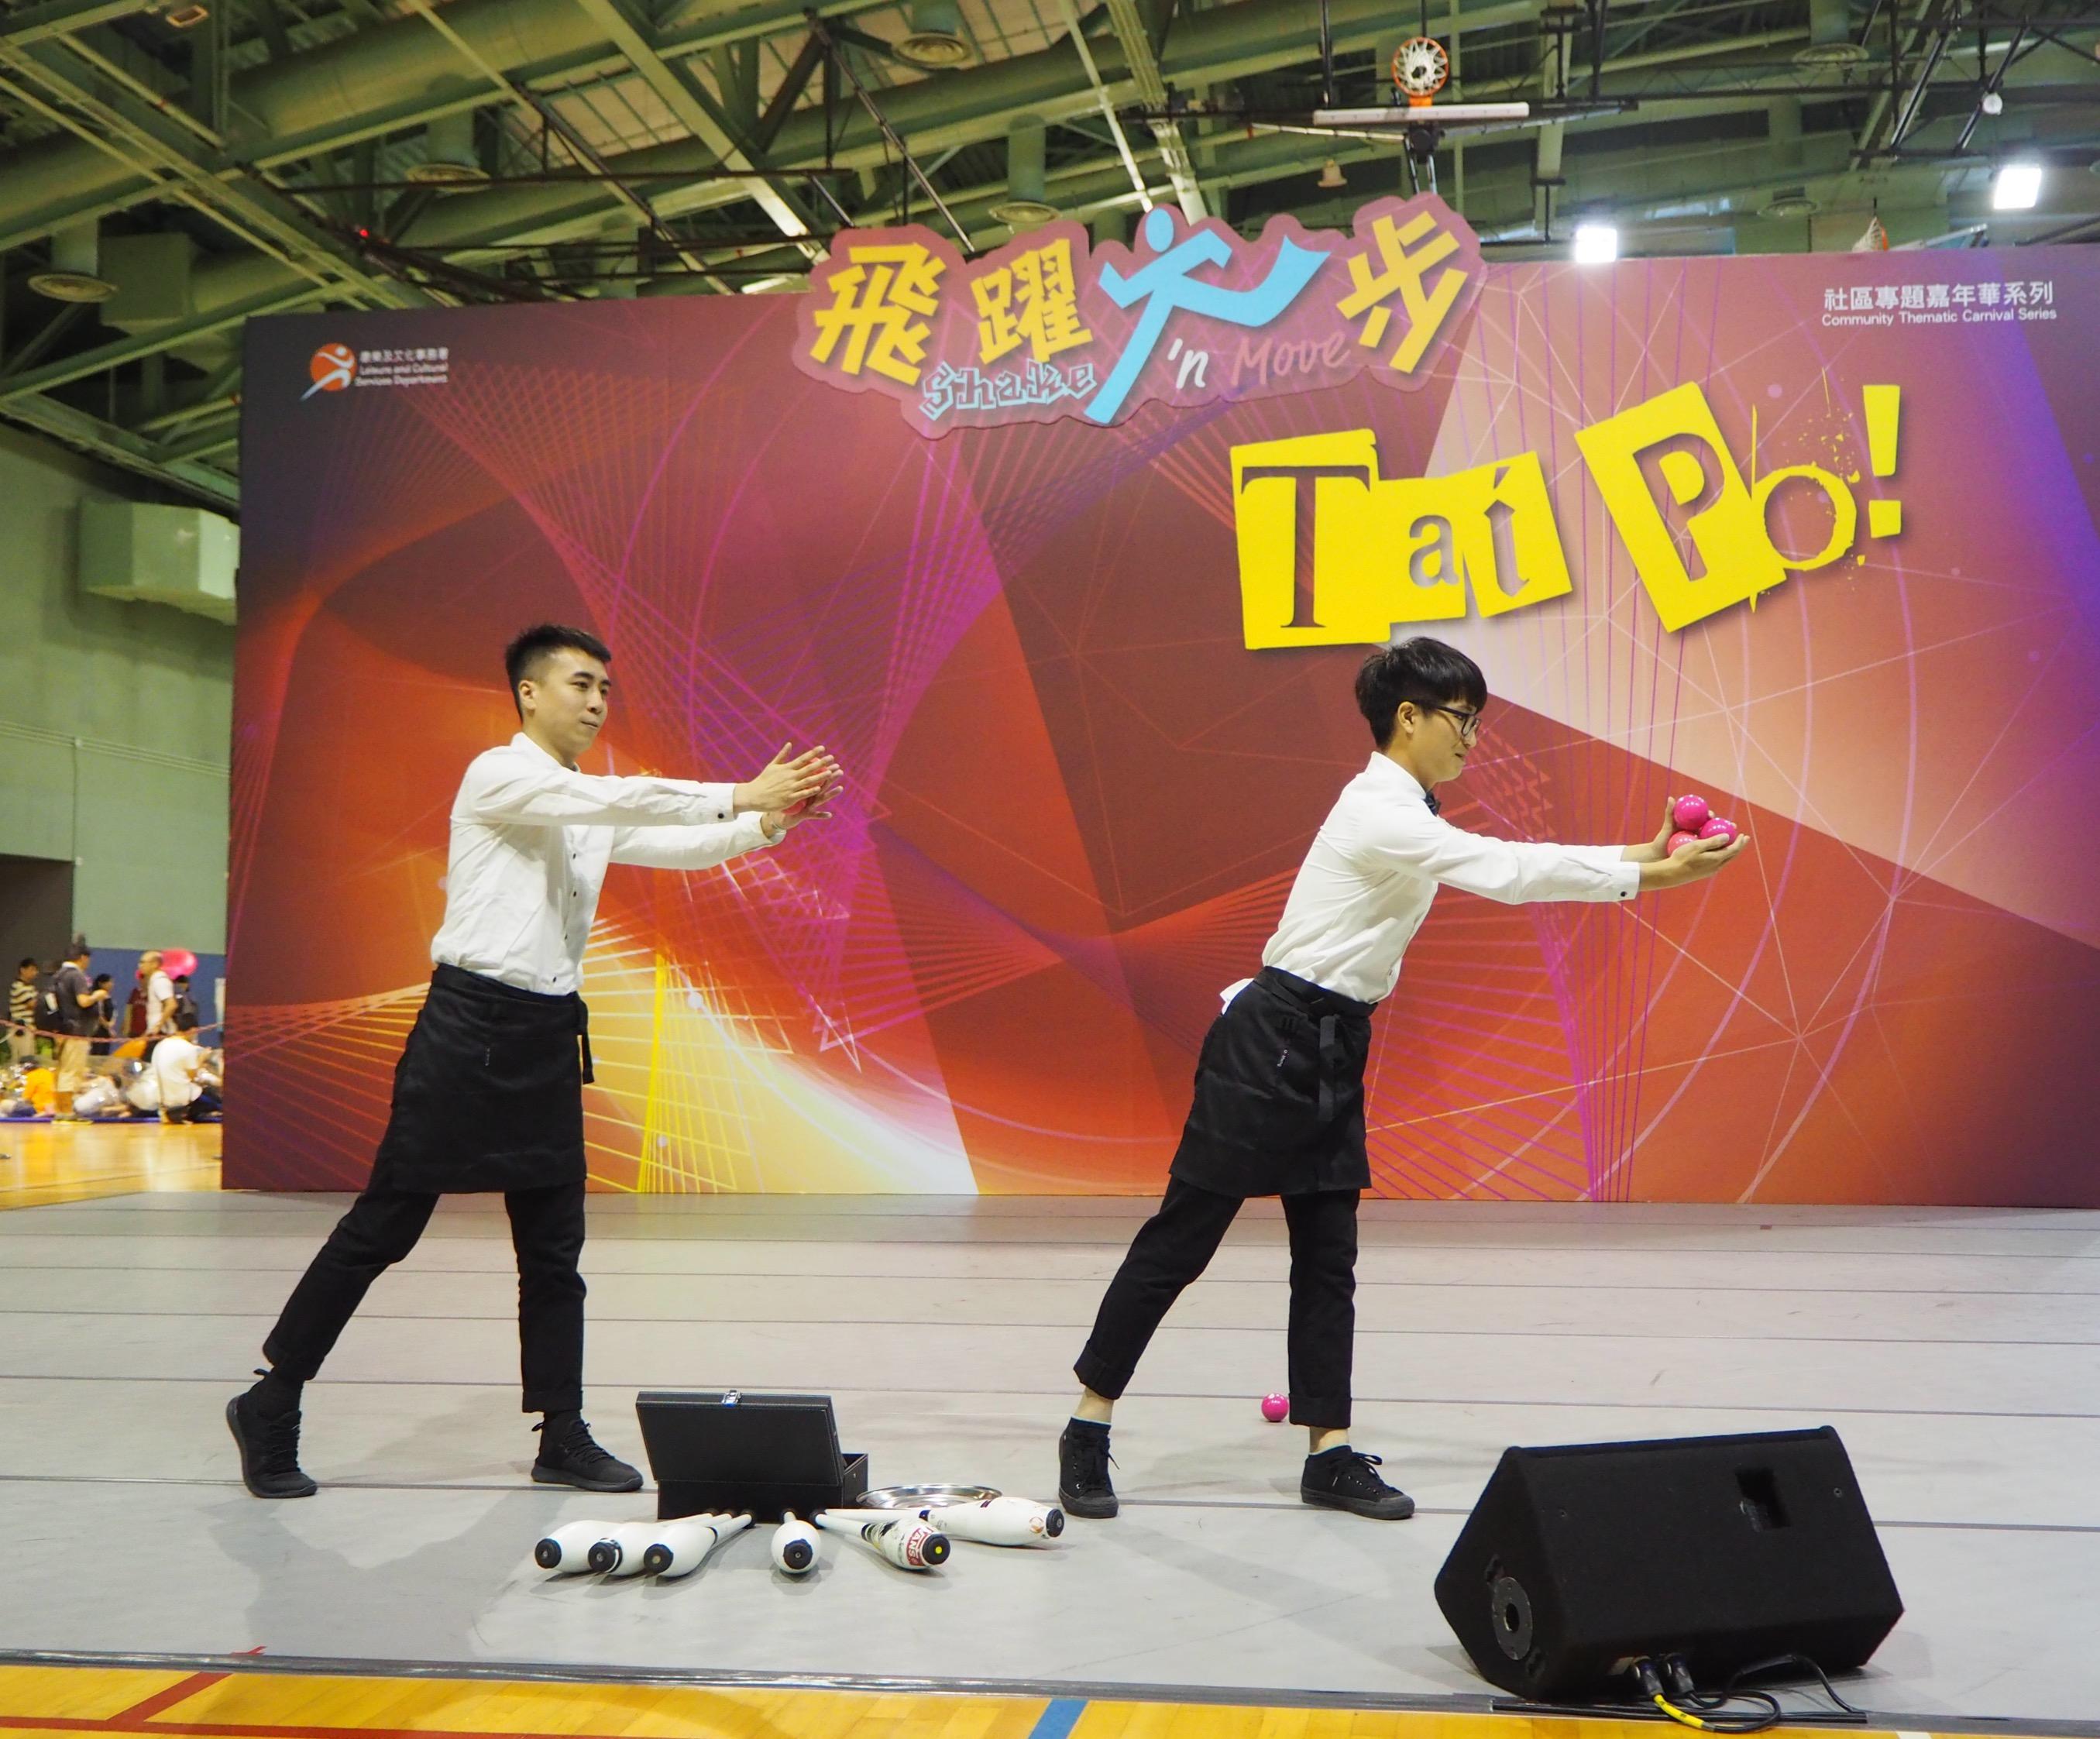 Ball Juggling Team